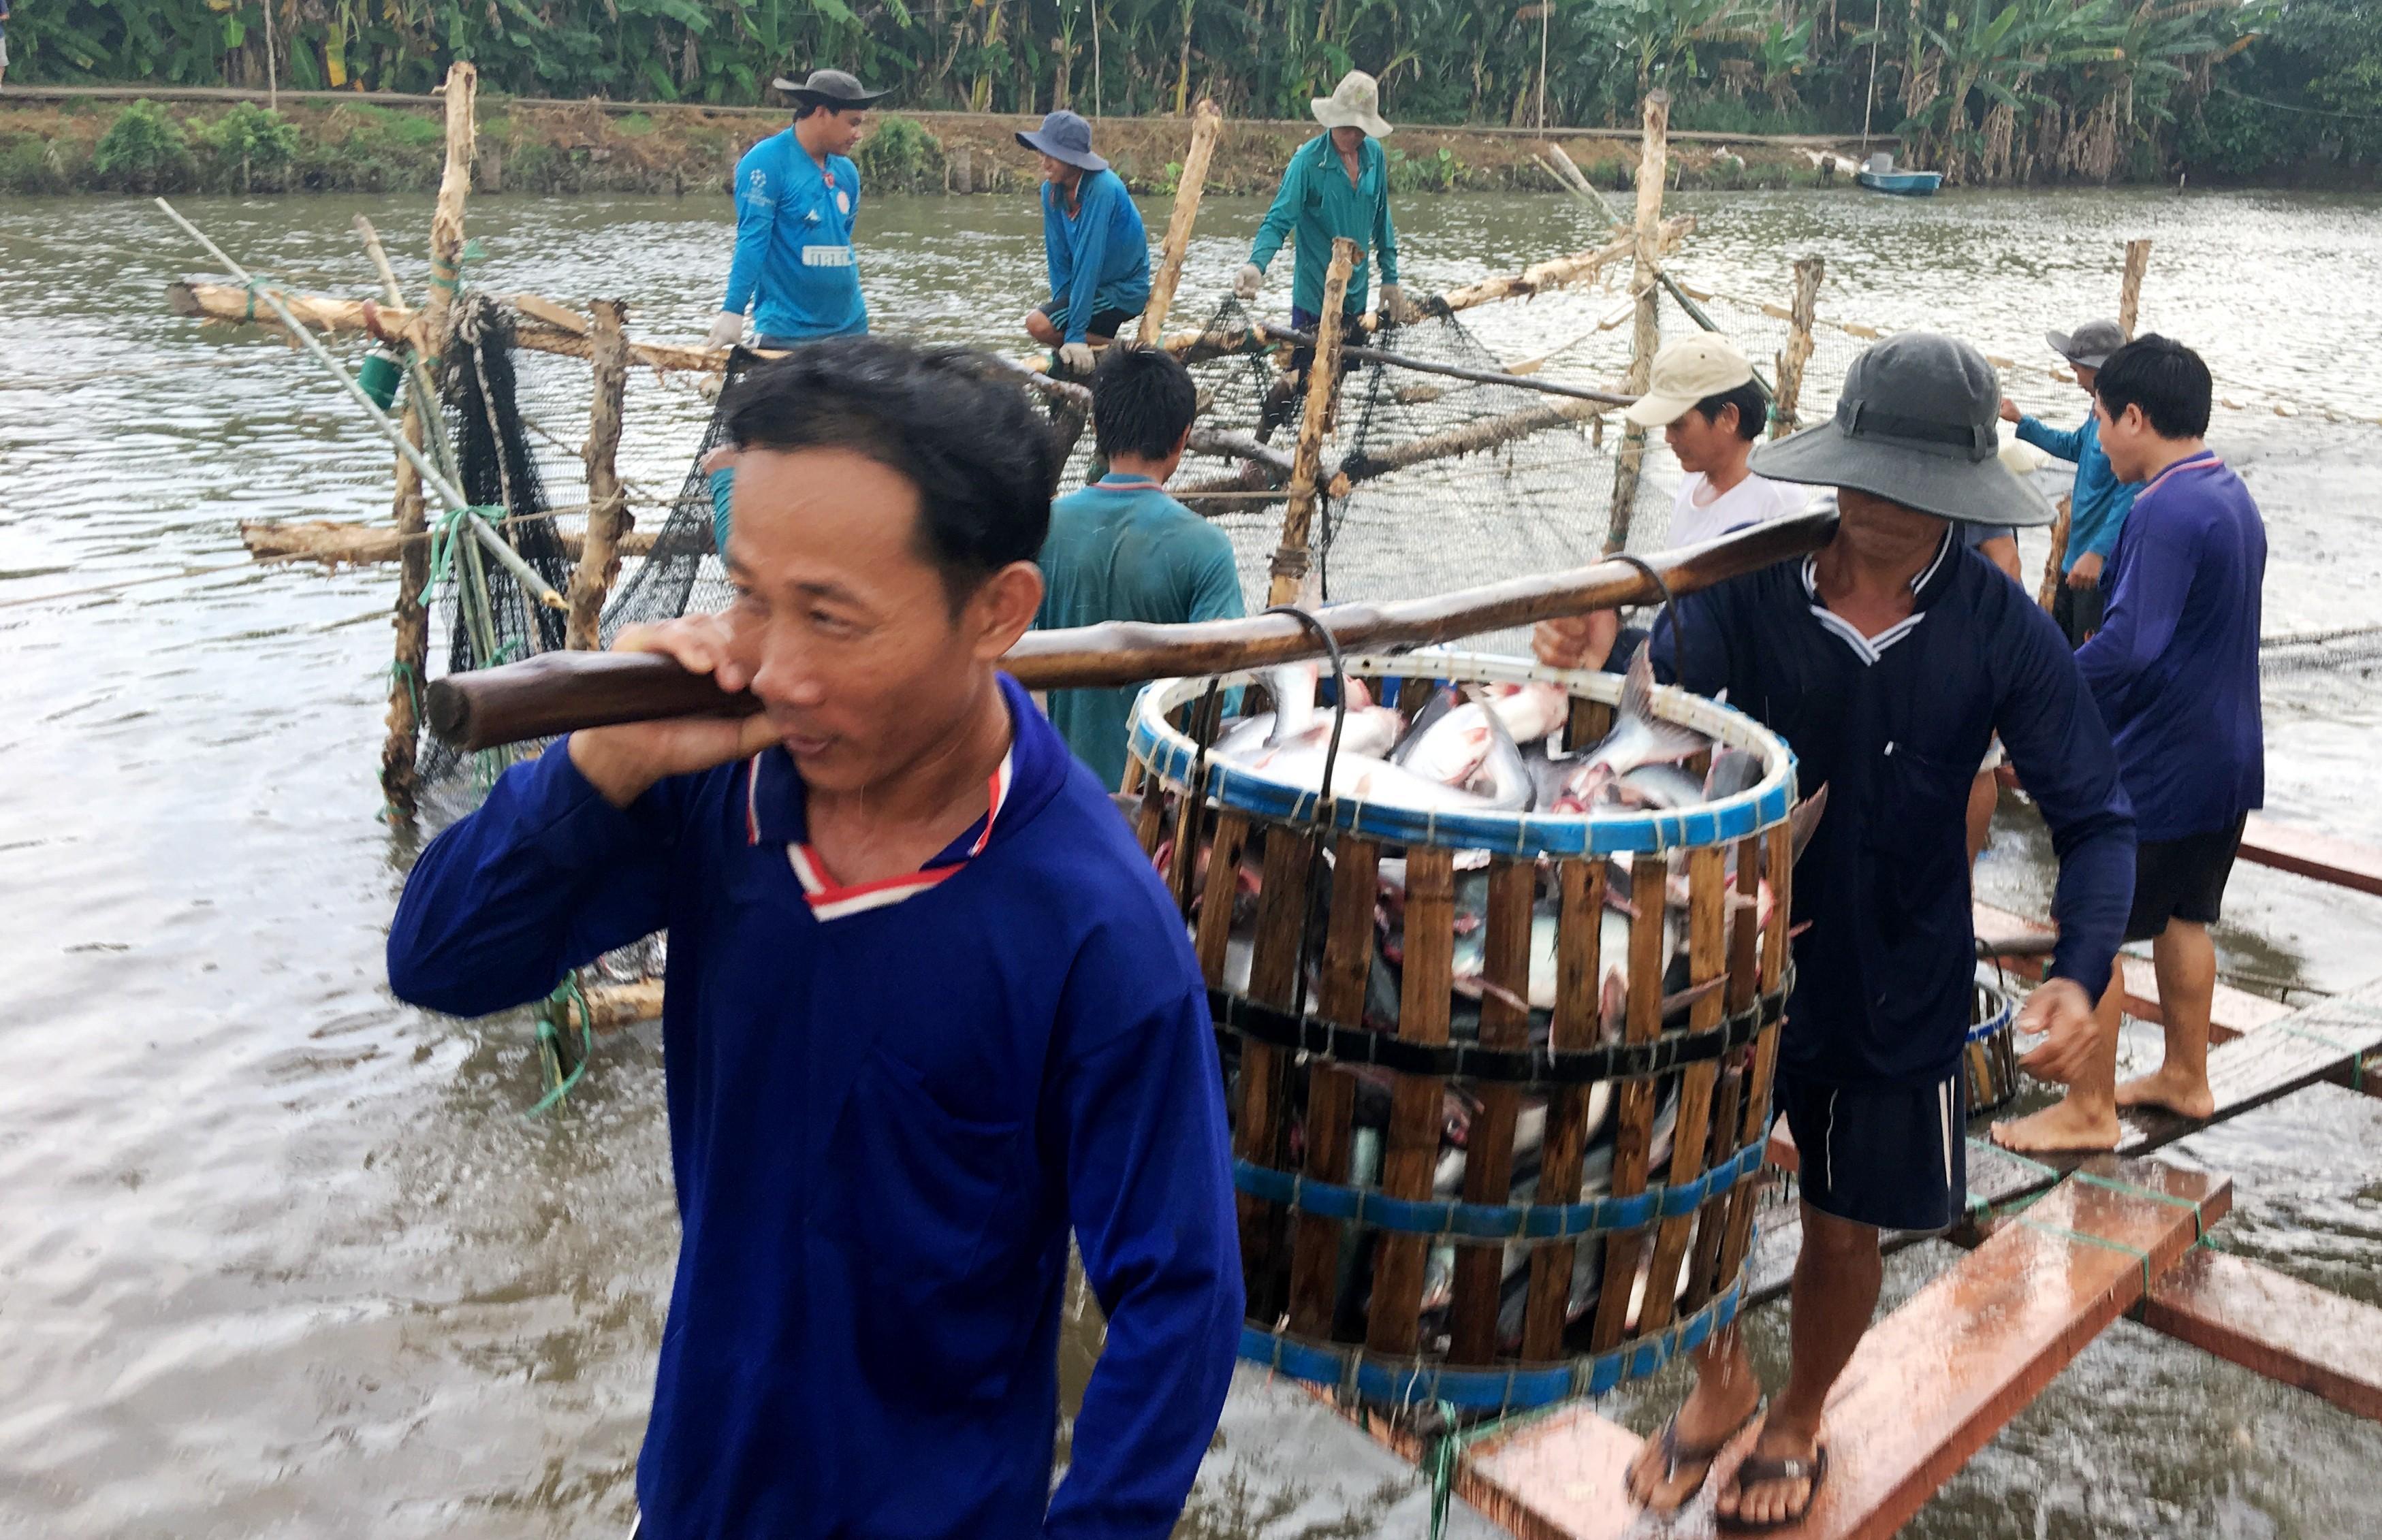 Mỹ tiếp tục là thị trường xuất khẩu thủy sản lớn nhất của Việt Nam Ảnh 1